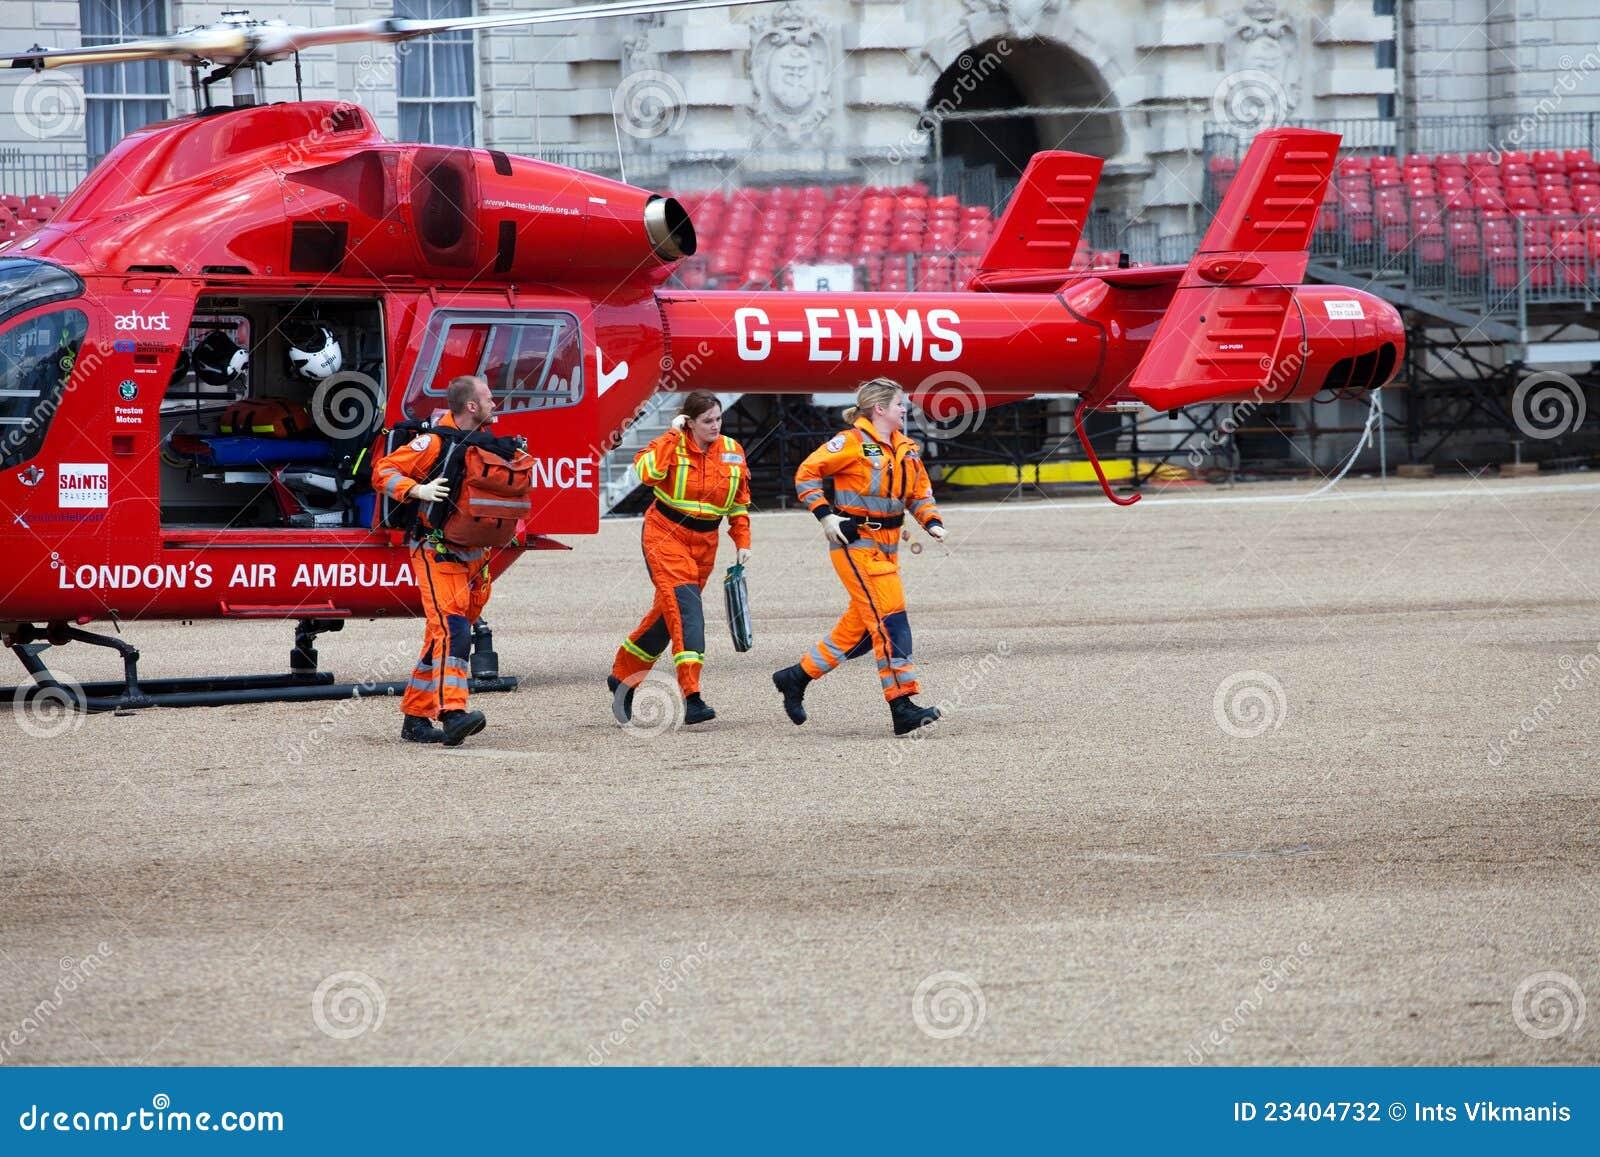 Elicottero E Ambulanza : Squadra dell elicottero ambulanza di aria londra